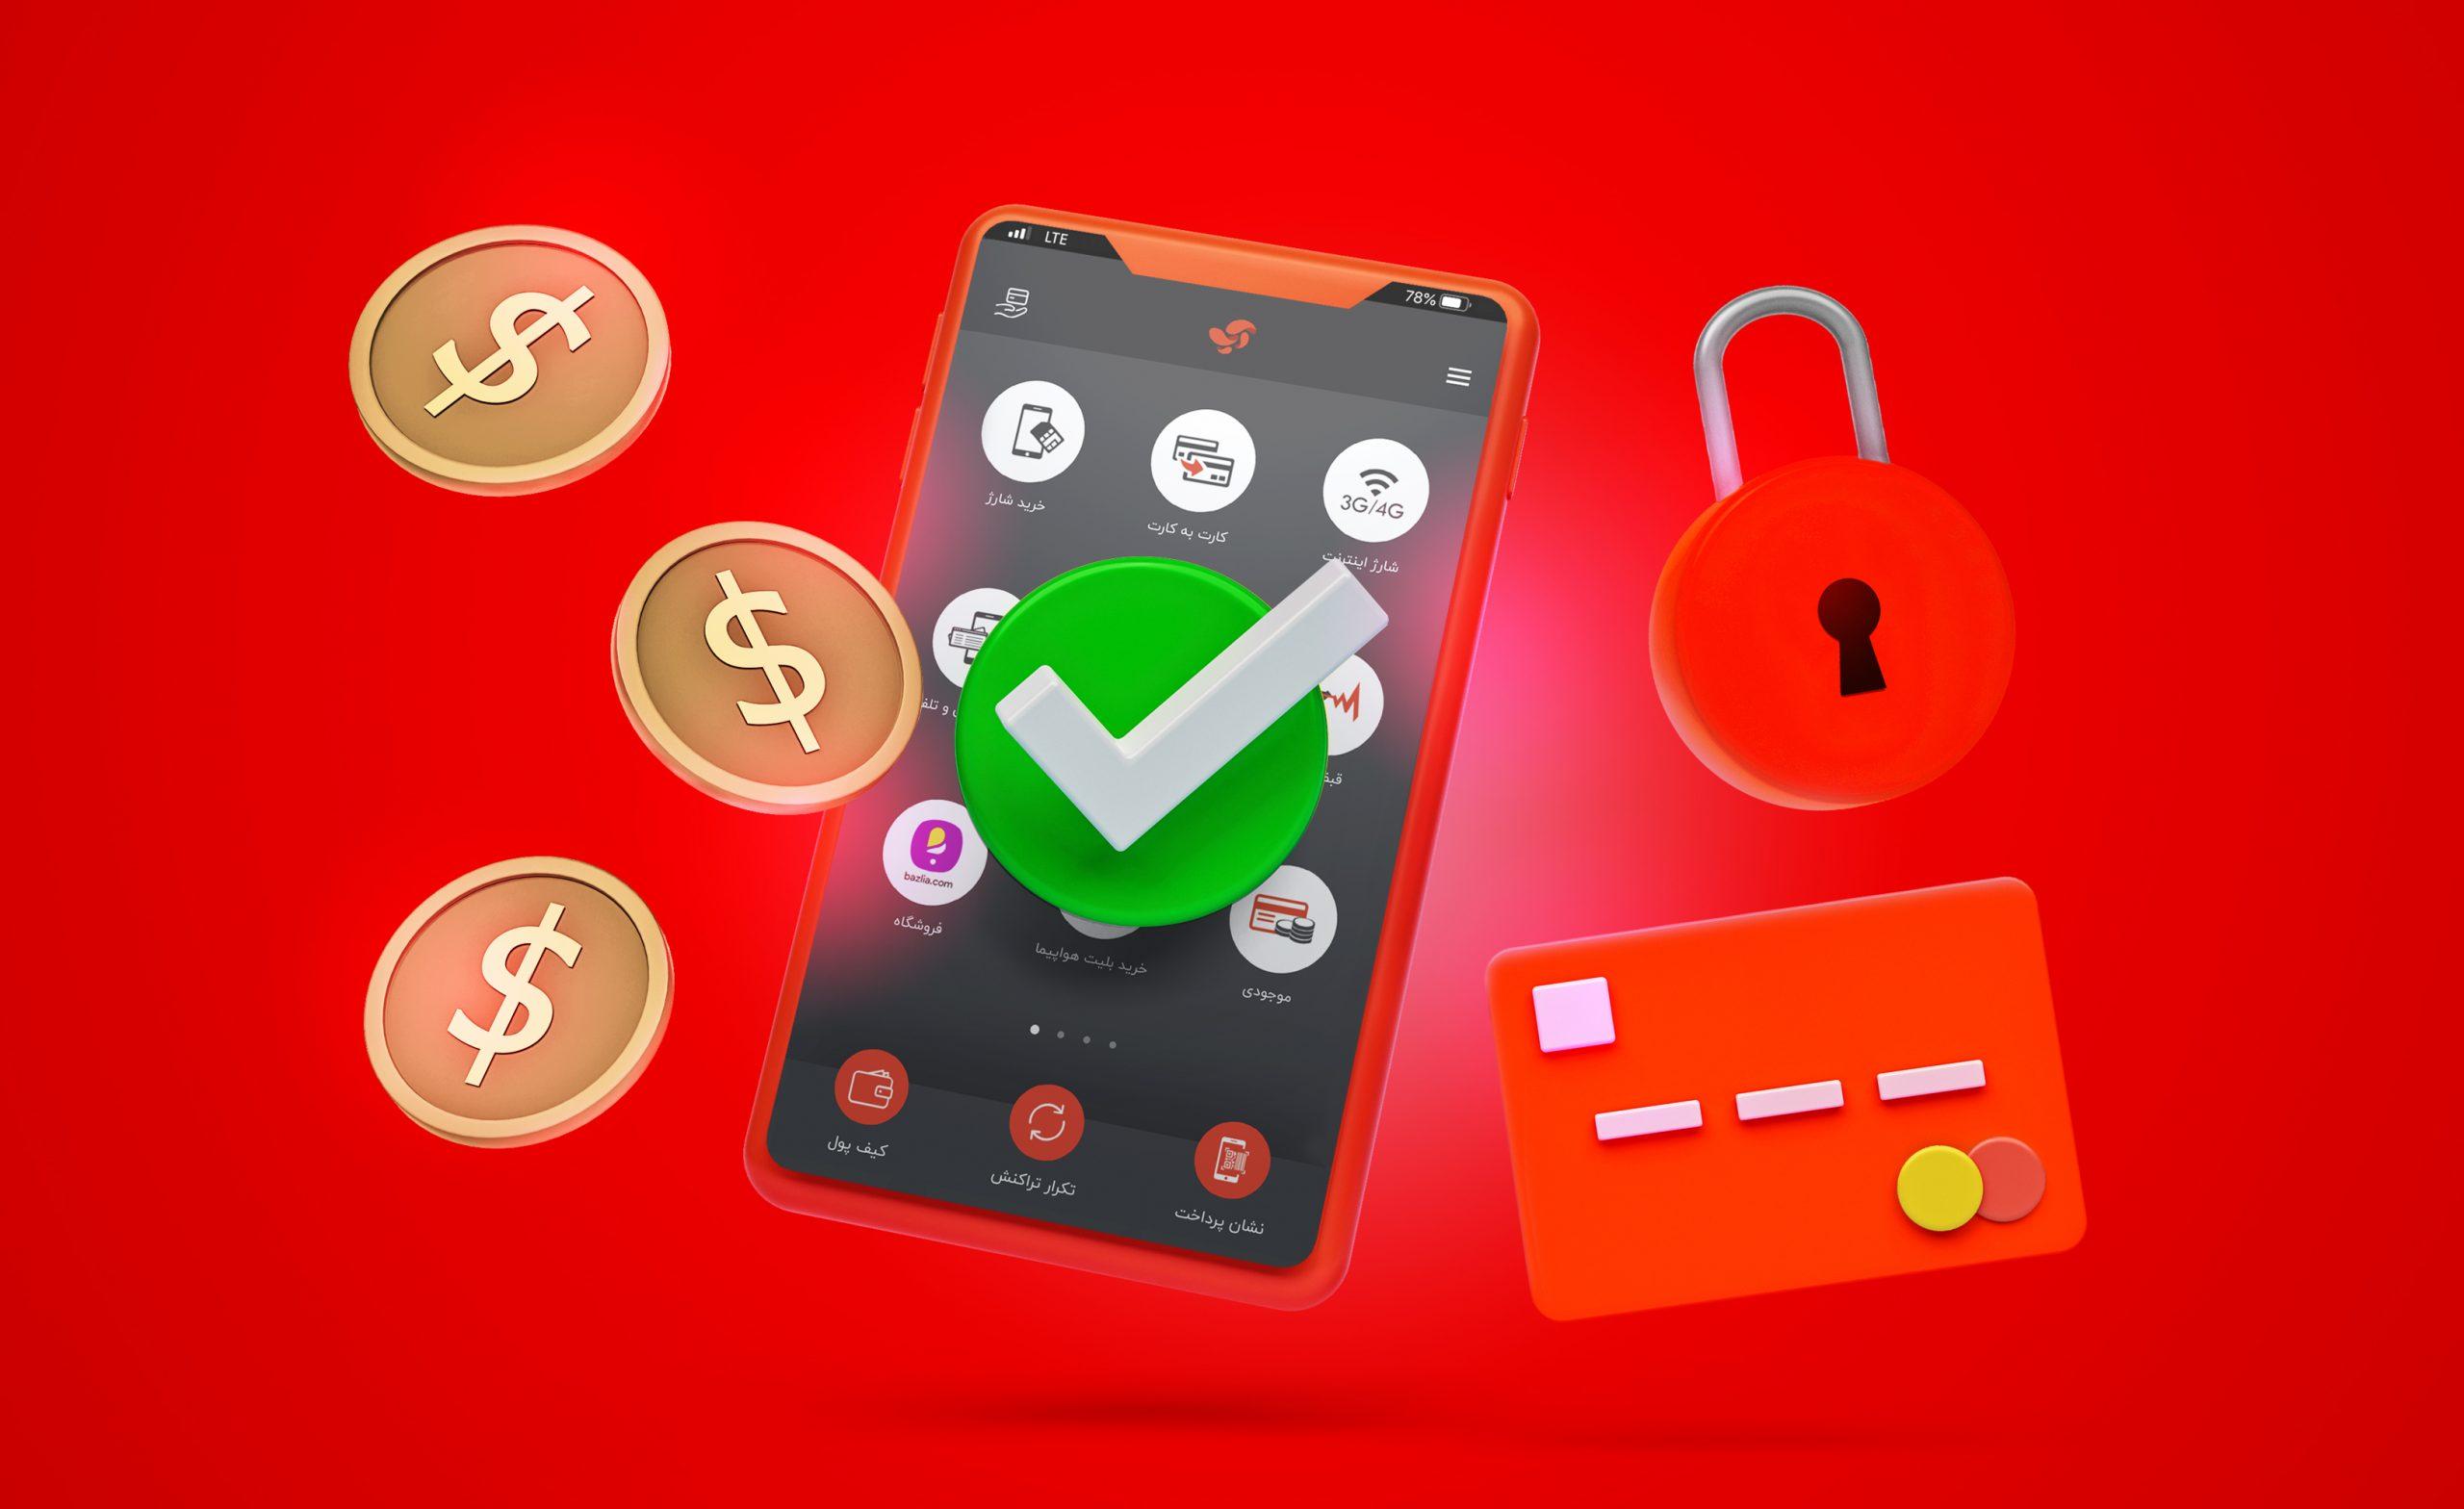 آسانپرداخت و پرداخت موبایلی مبتنی بر EMV